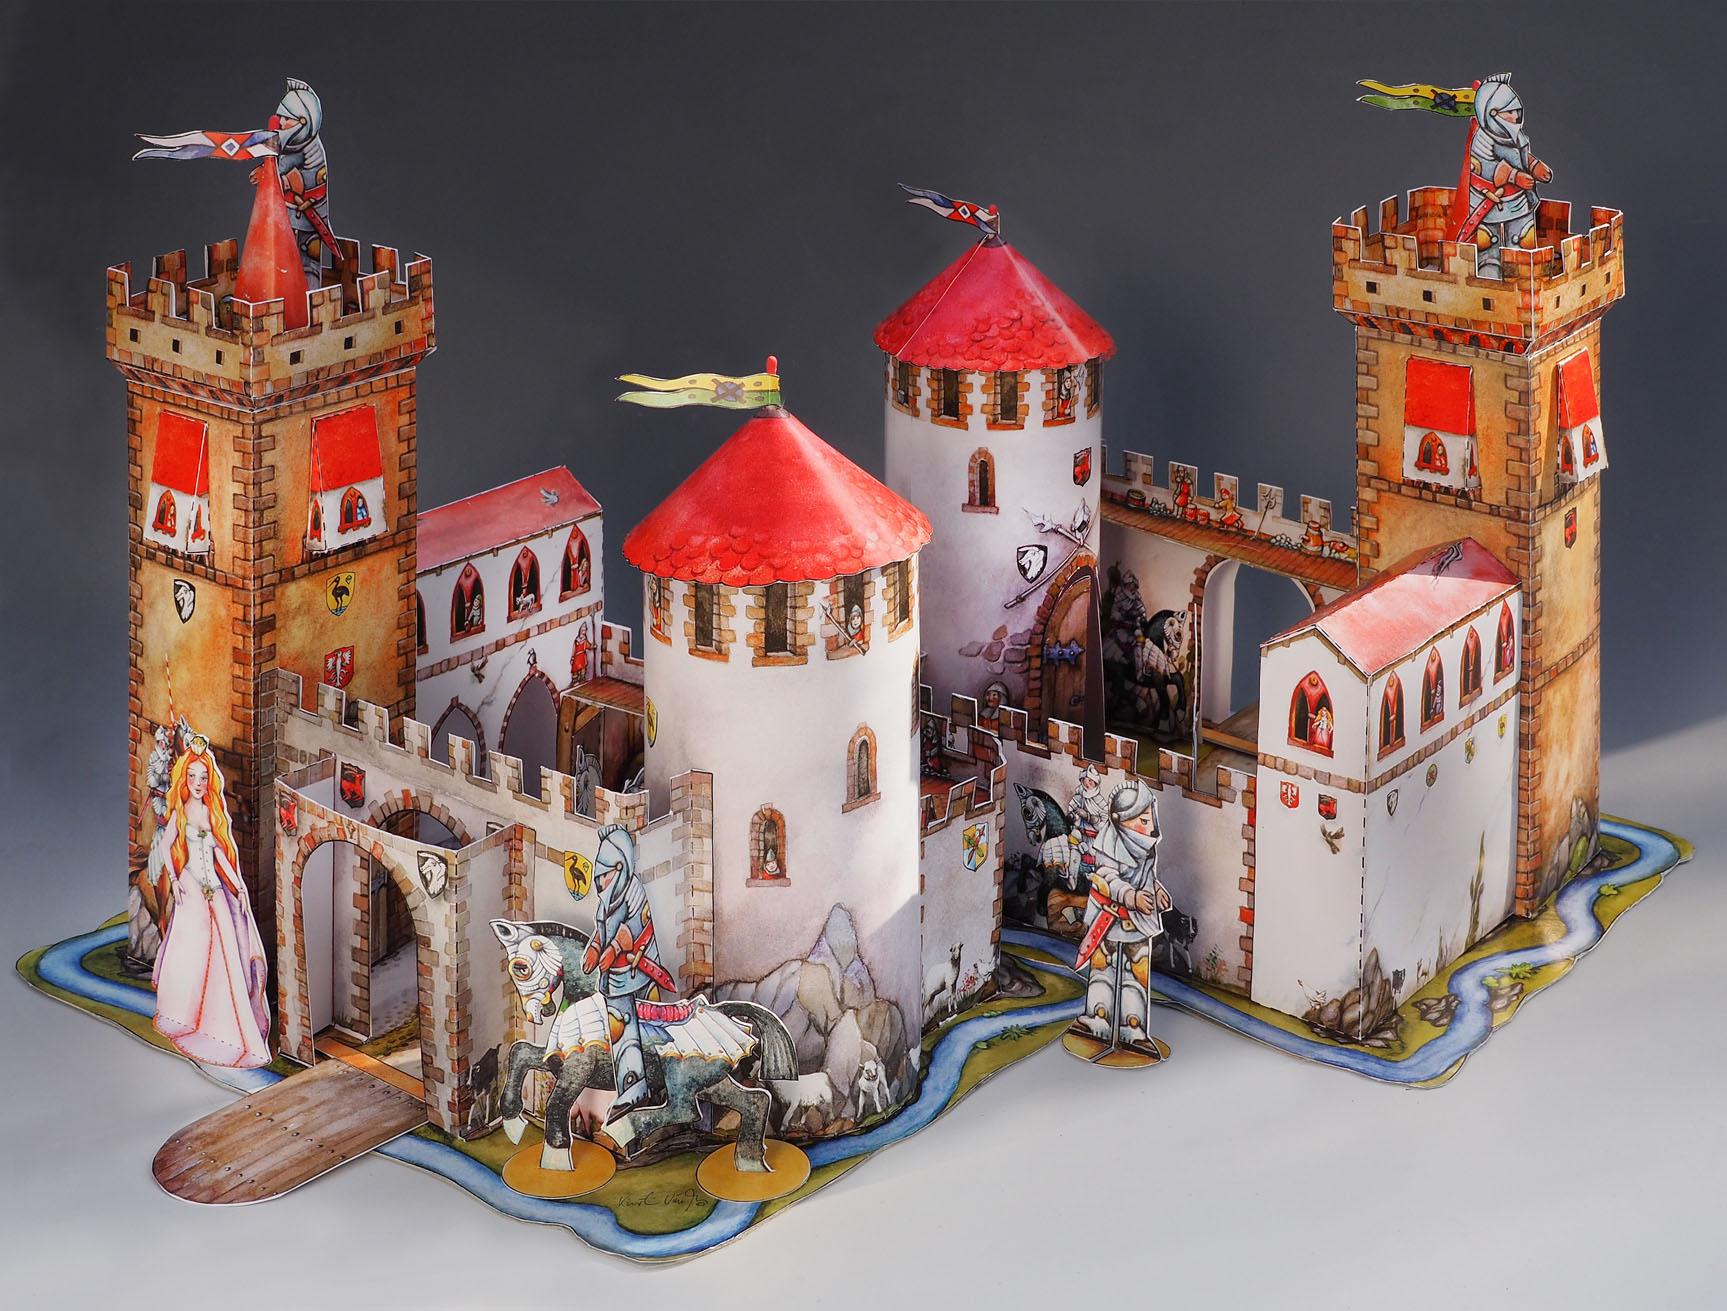 Ritterburg Papierspielzeug